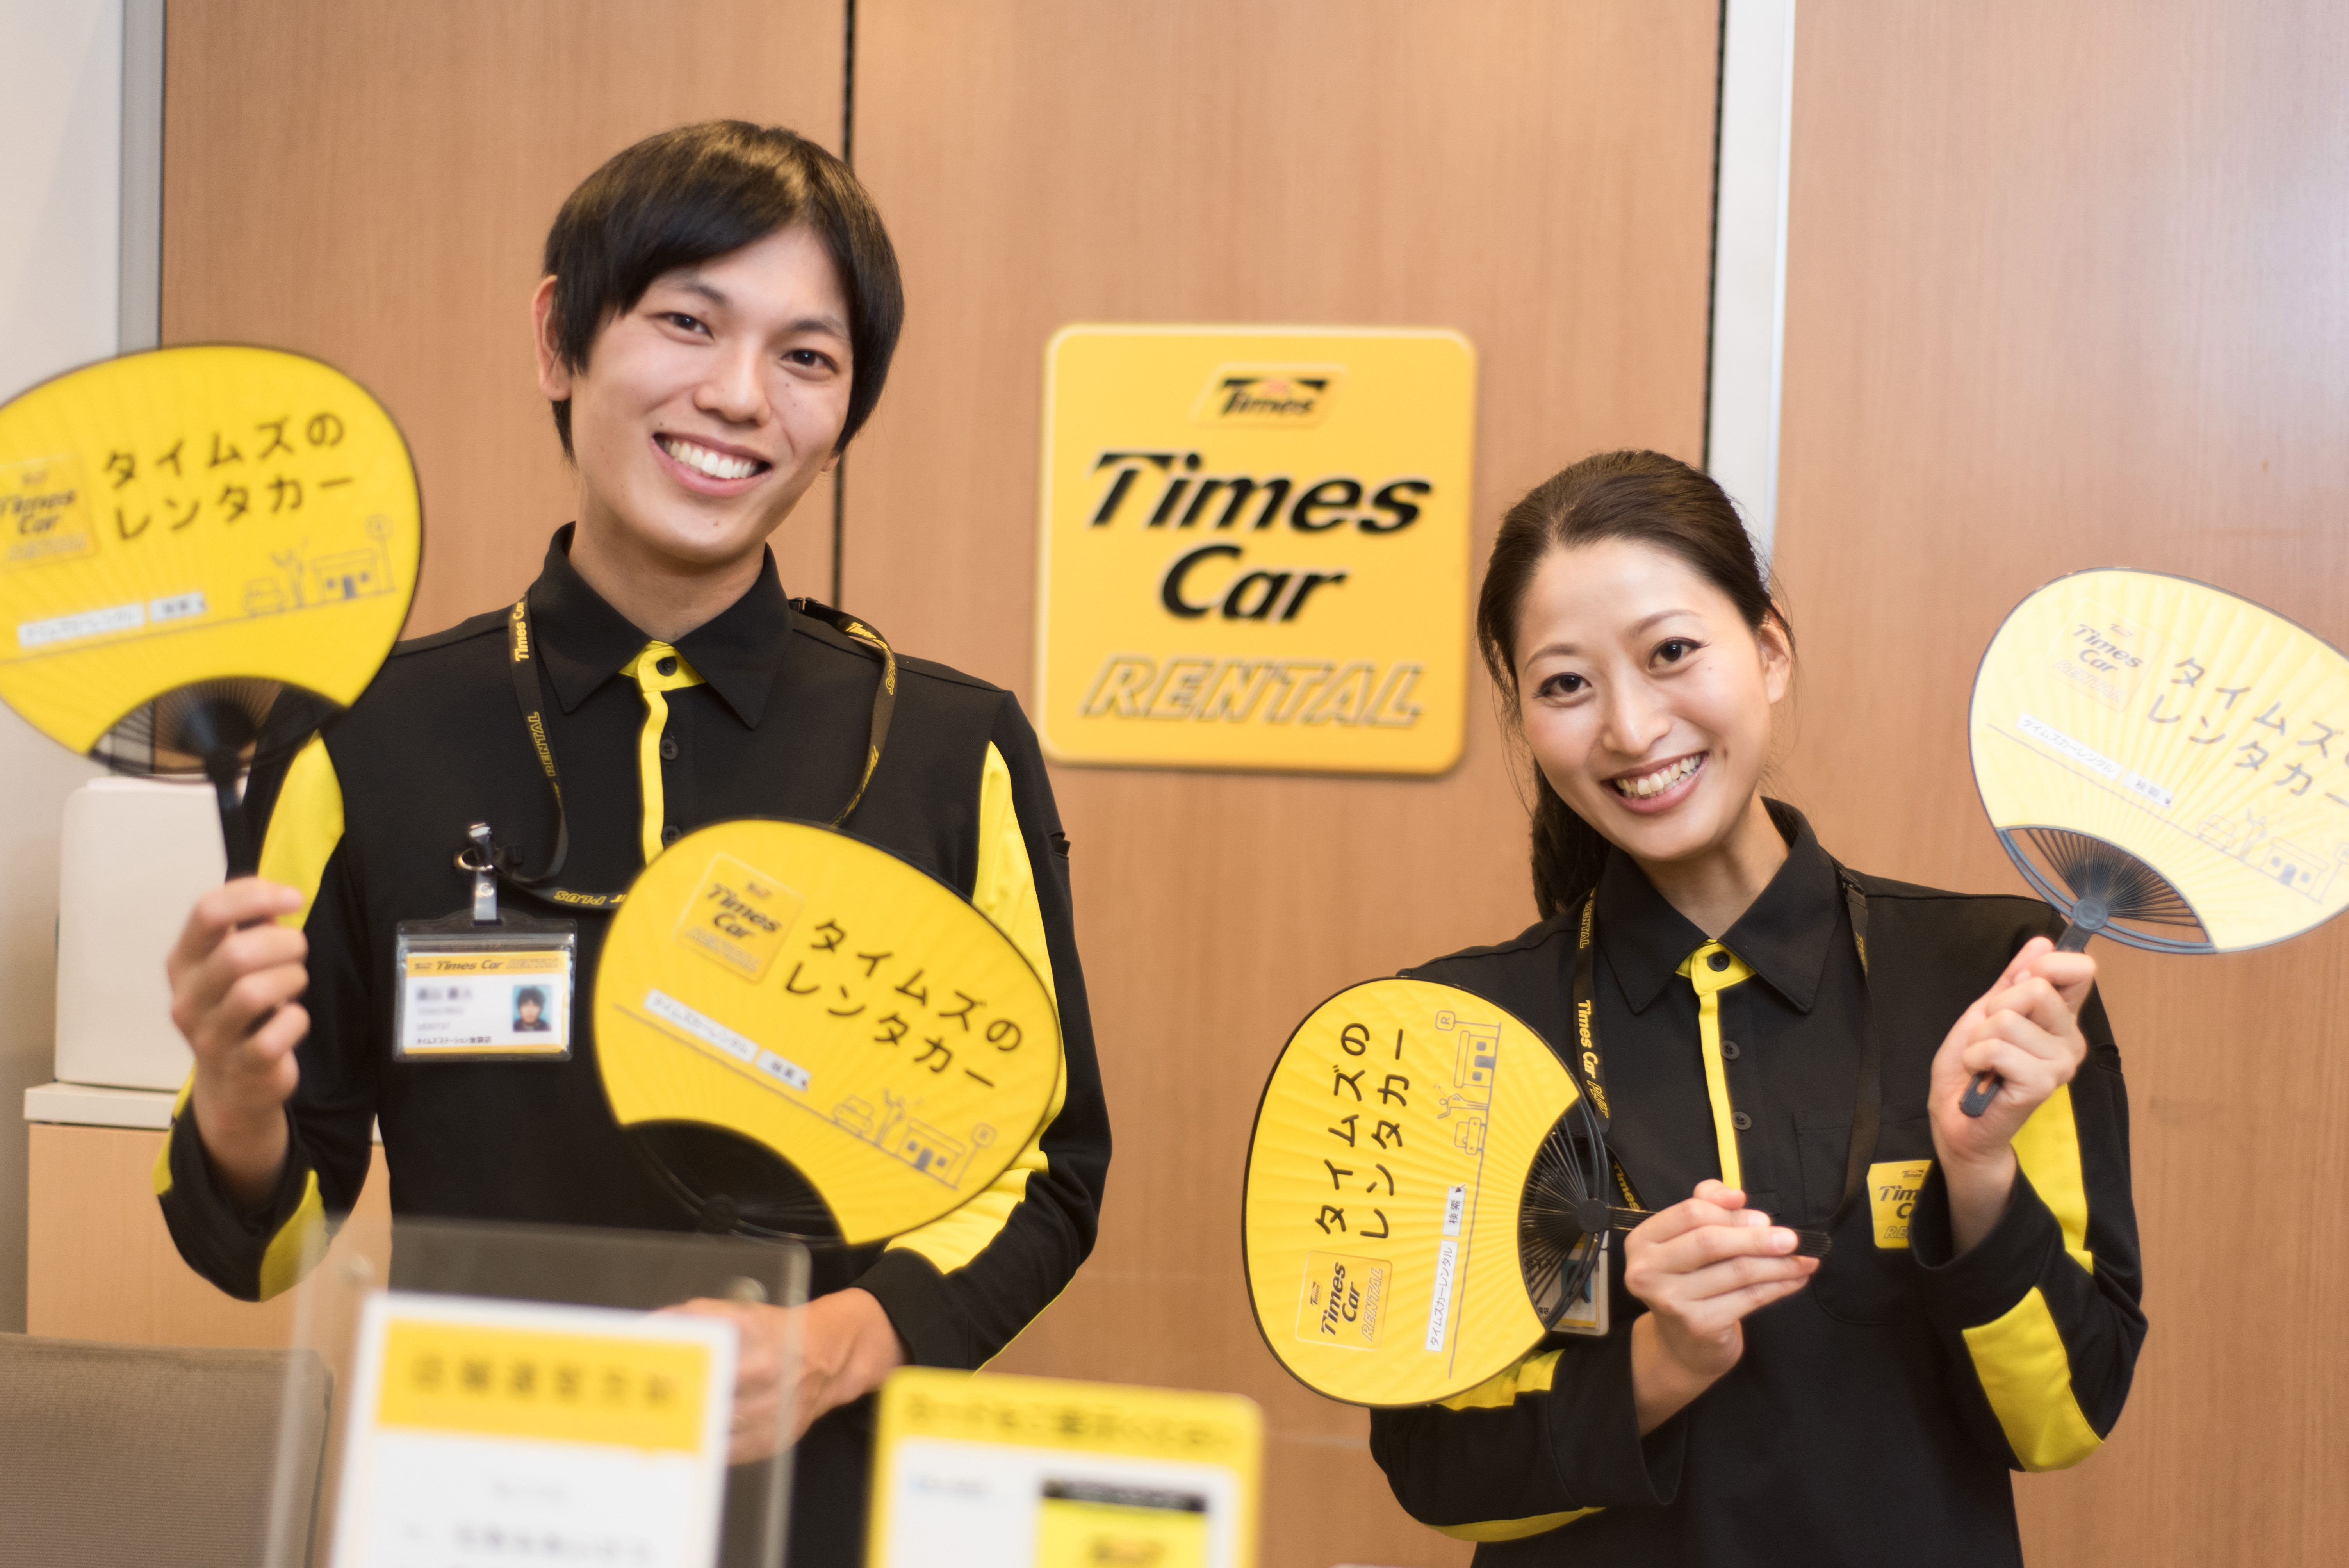 タイムズカーレンタル 三次店 のアルバイト情報